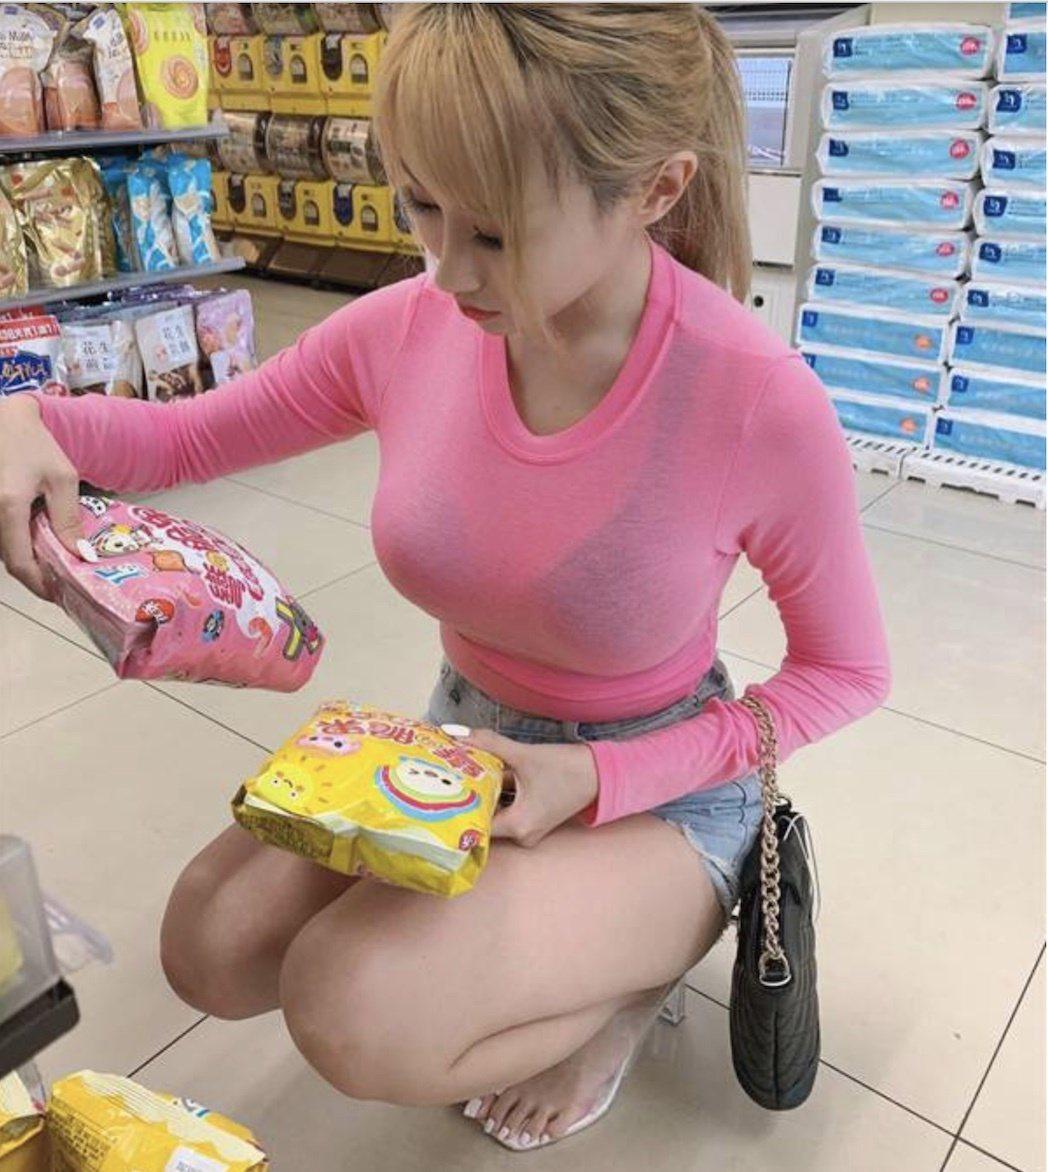 陳潔兒上超商的打扮也是辣翻天。圖/摘自IG